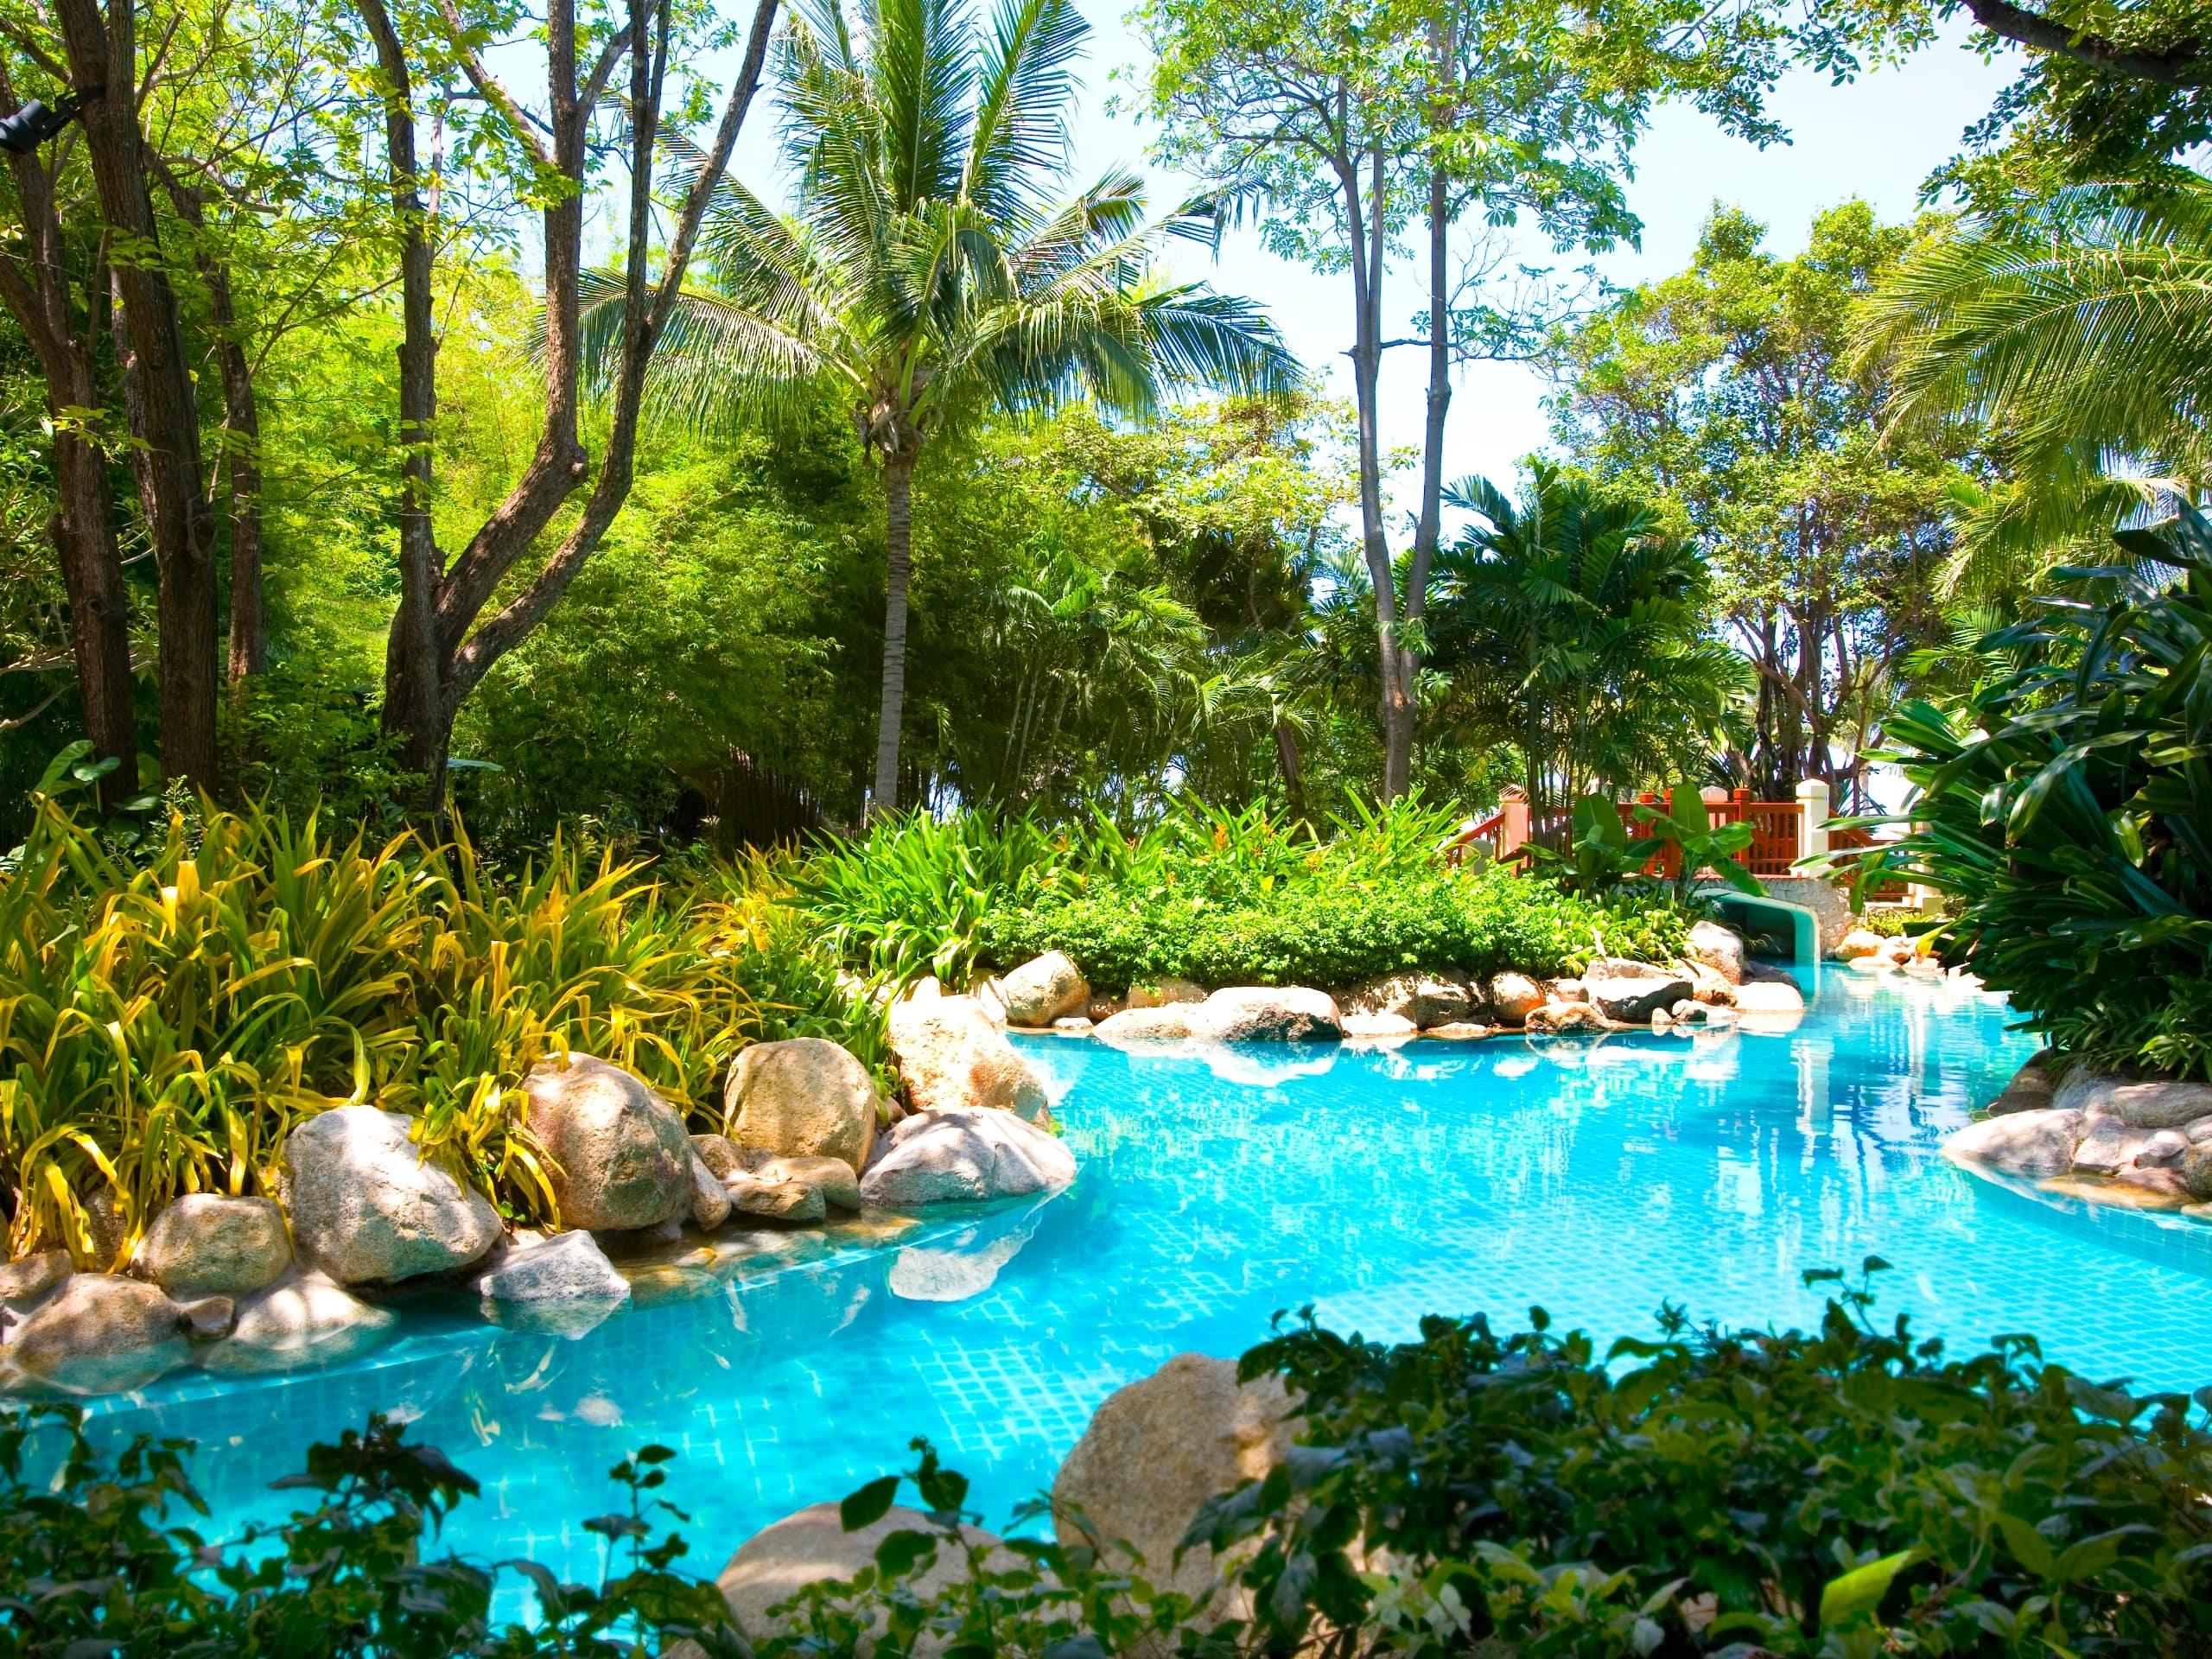 Luxury beachfront 5-star resort | Hyatt Regency Hua Hin